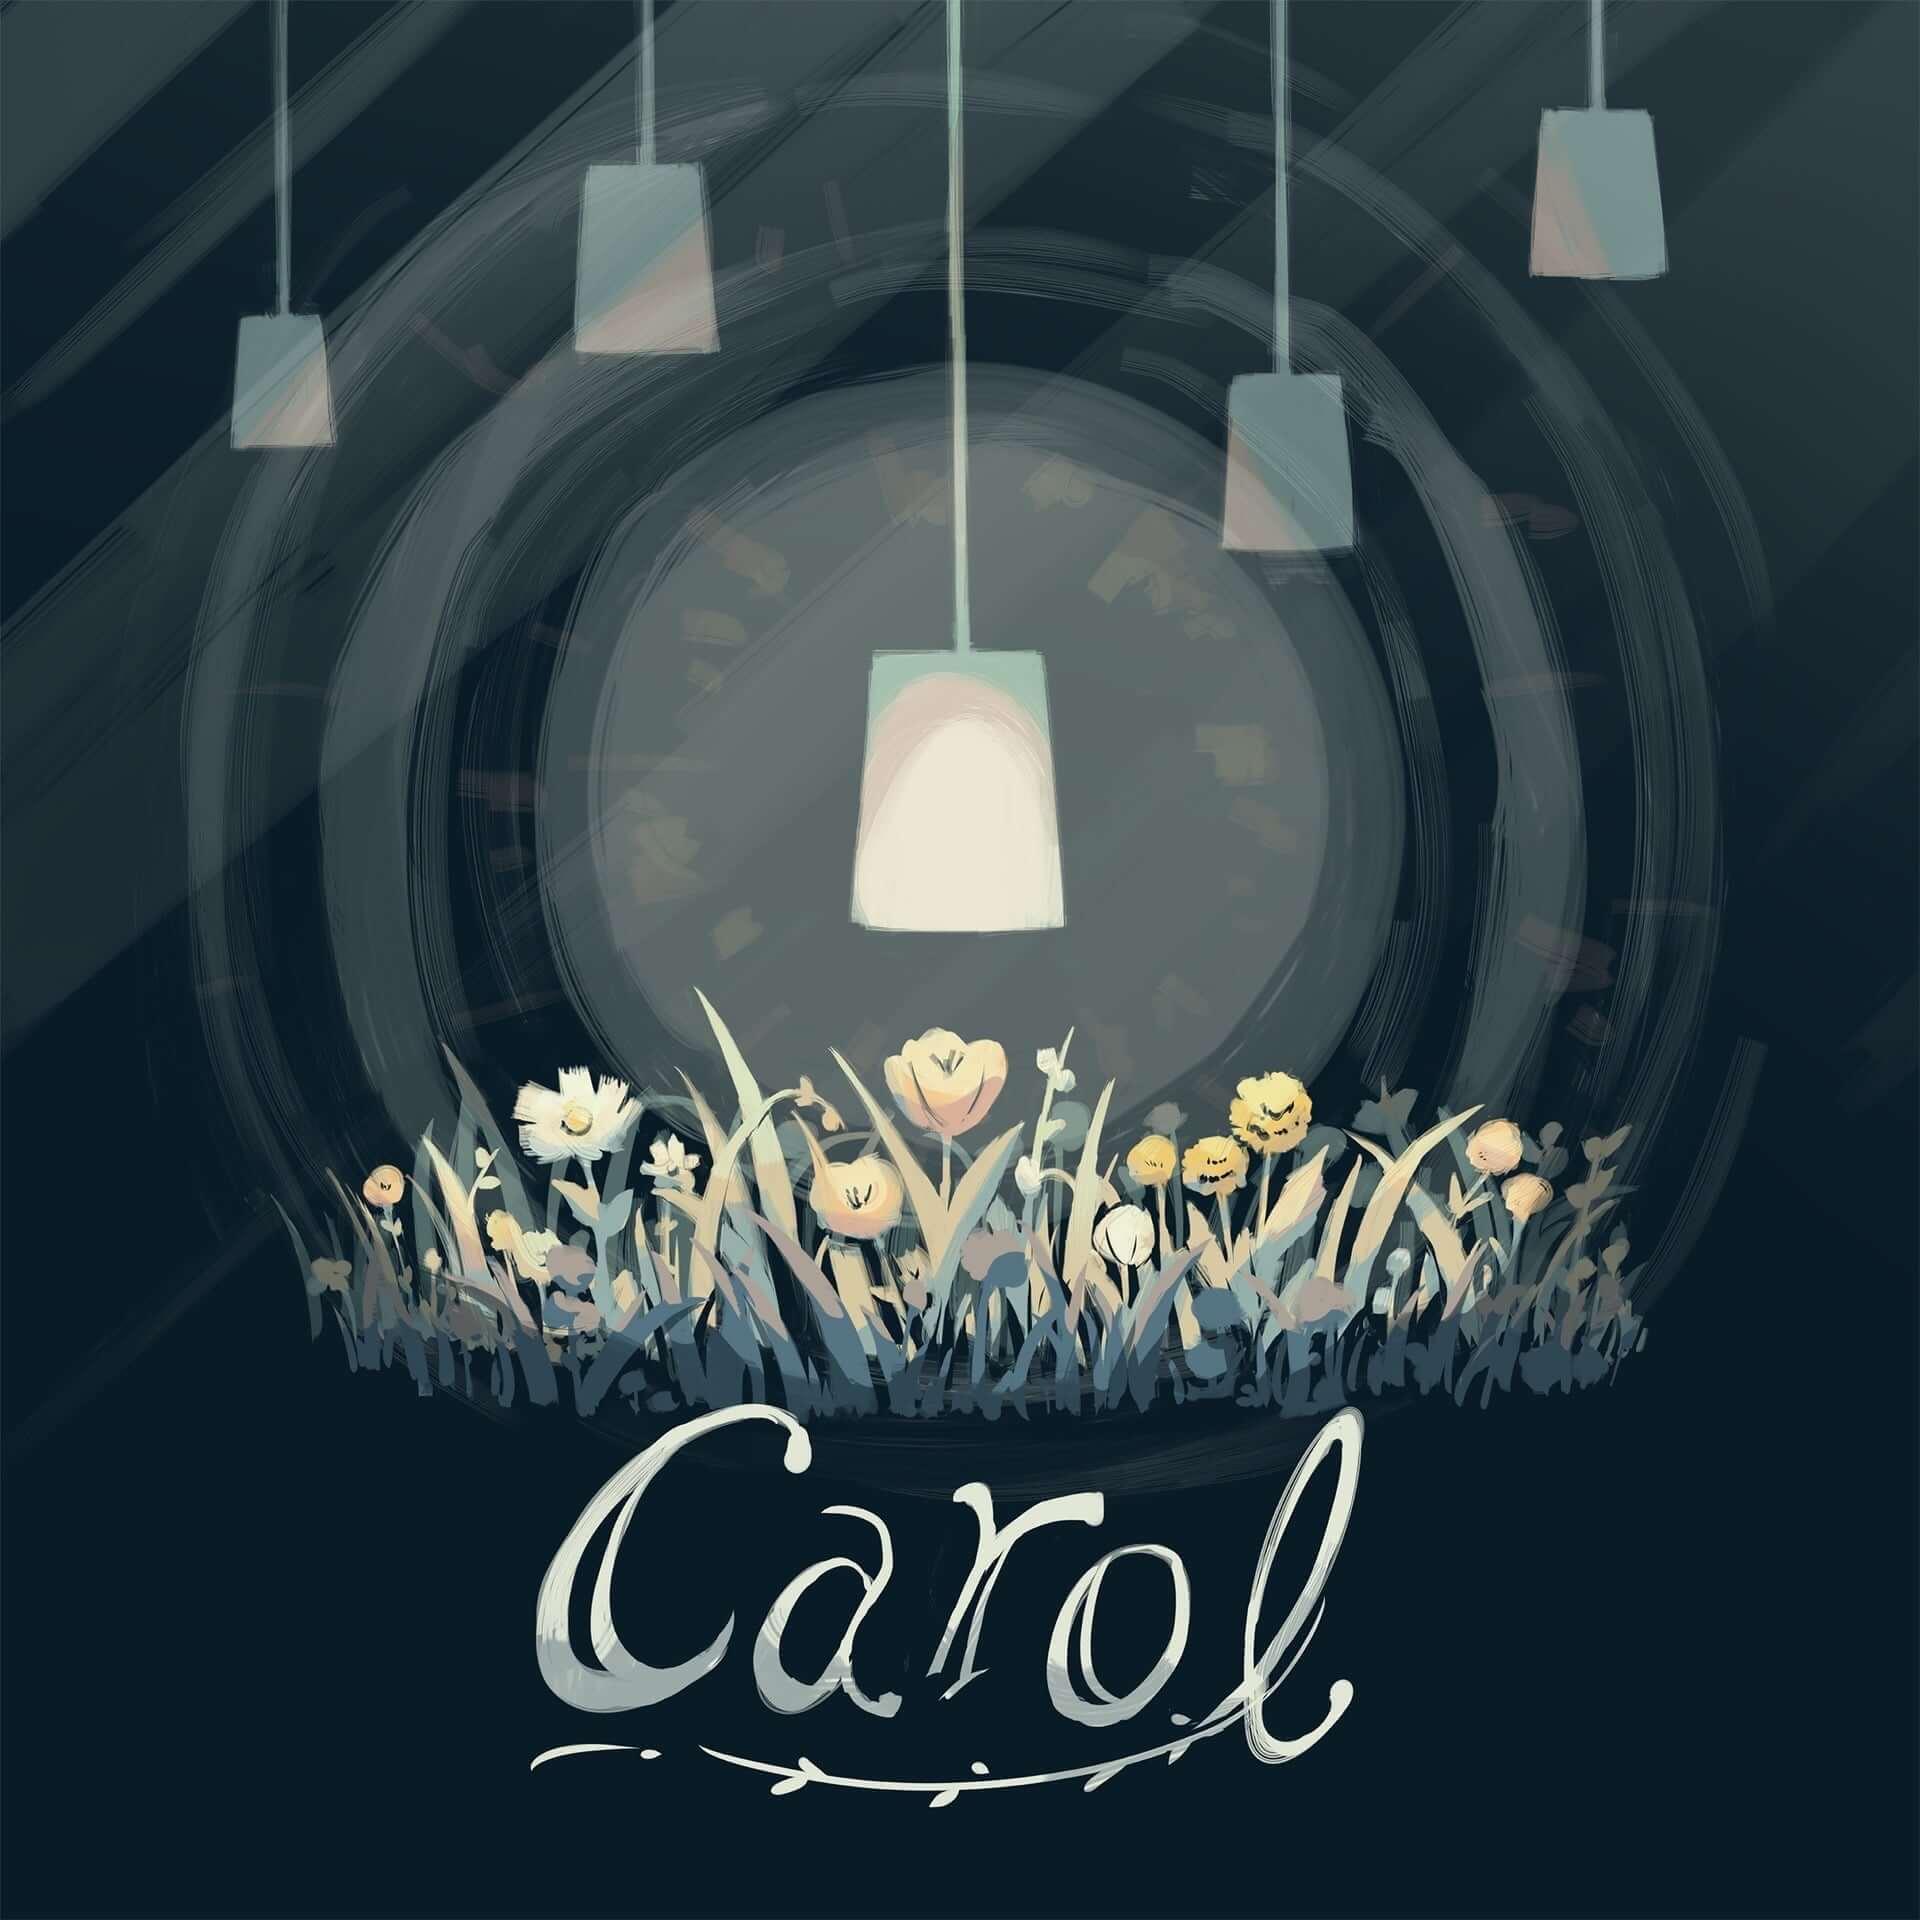 """須田景凪書き下ろし、『NHKみんなのうた』の新曲""""Carol""""が配信決定!iTunes限定のカラオケバージョンも予約受付開始 music200626_sudakeina_1-1920x1920"""